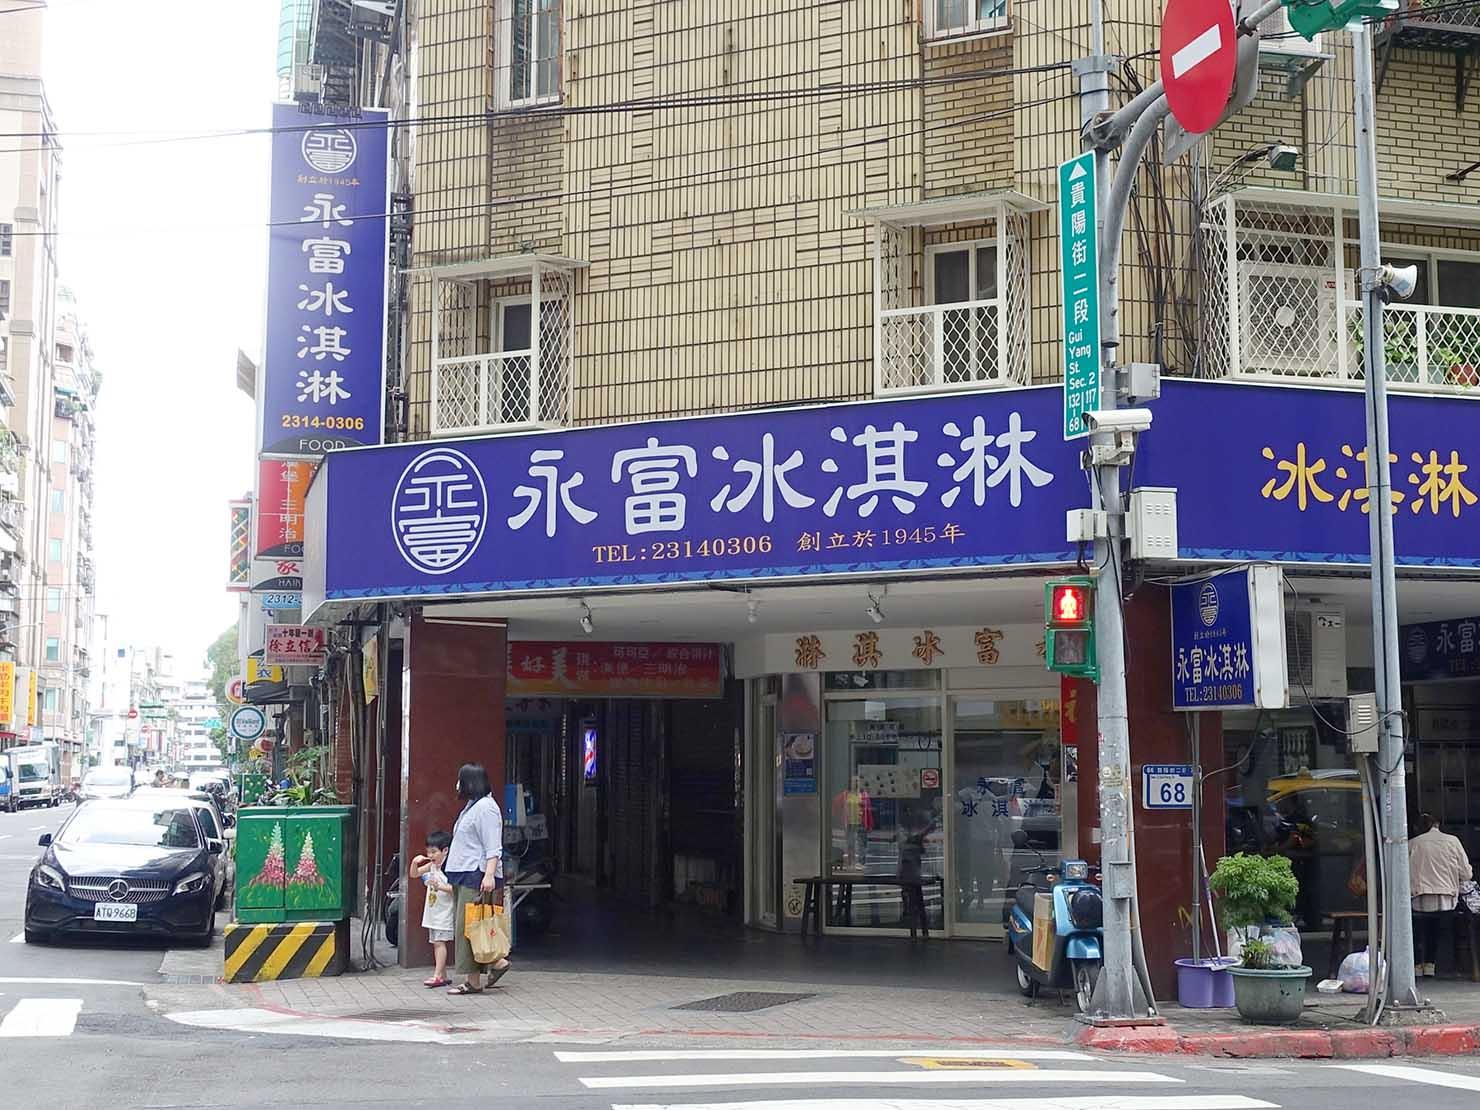 台北・西門町のおすすめデザート店「永福冰淇淋」の外観